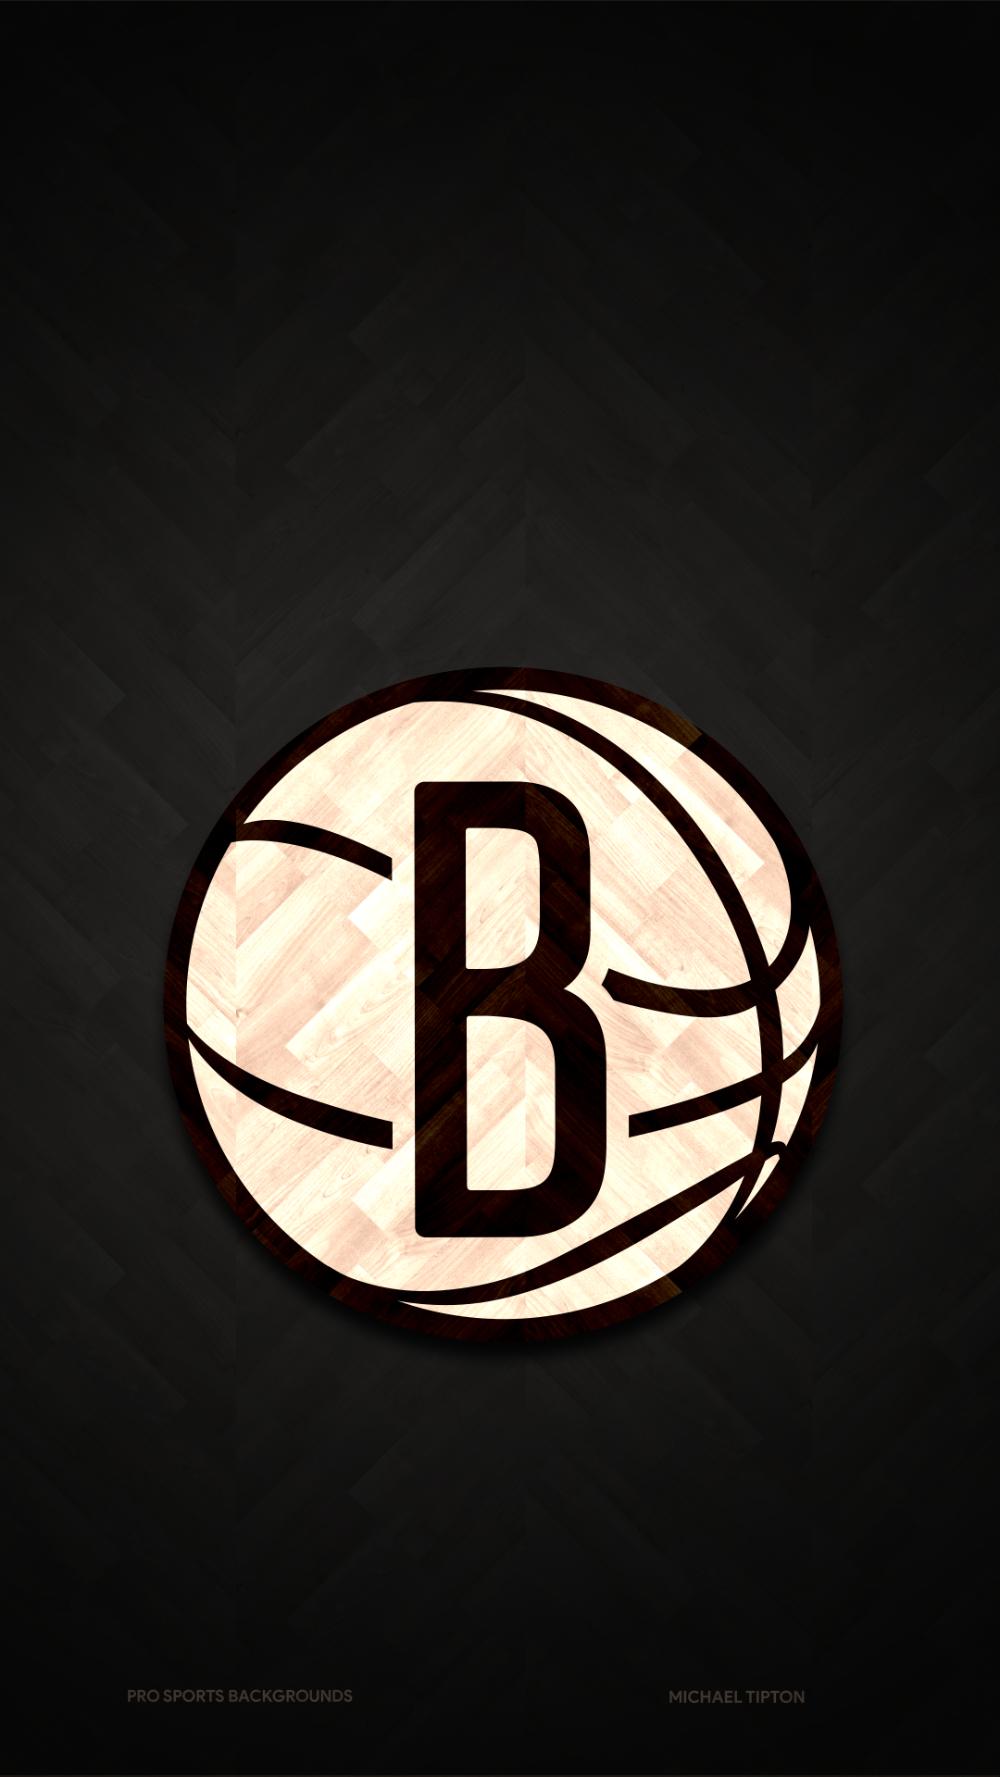 2021 Brooklyn Nets Wallpapers Pro Sports Backgrounds In 2021 Brooklyn Nets Brooklyn Sports